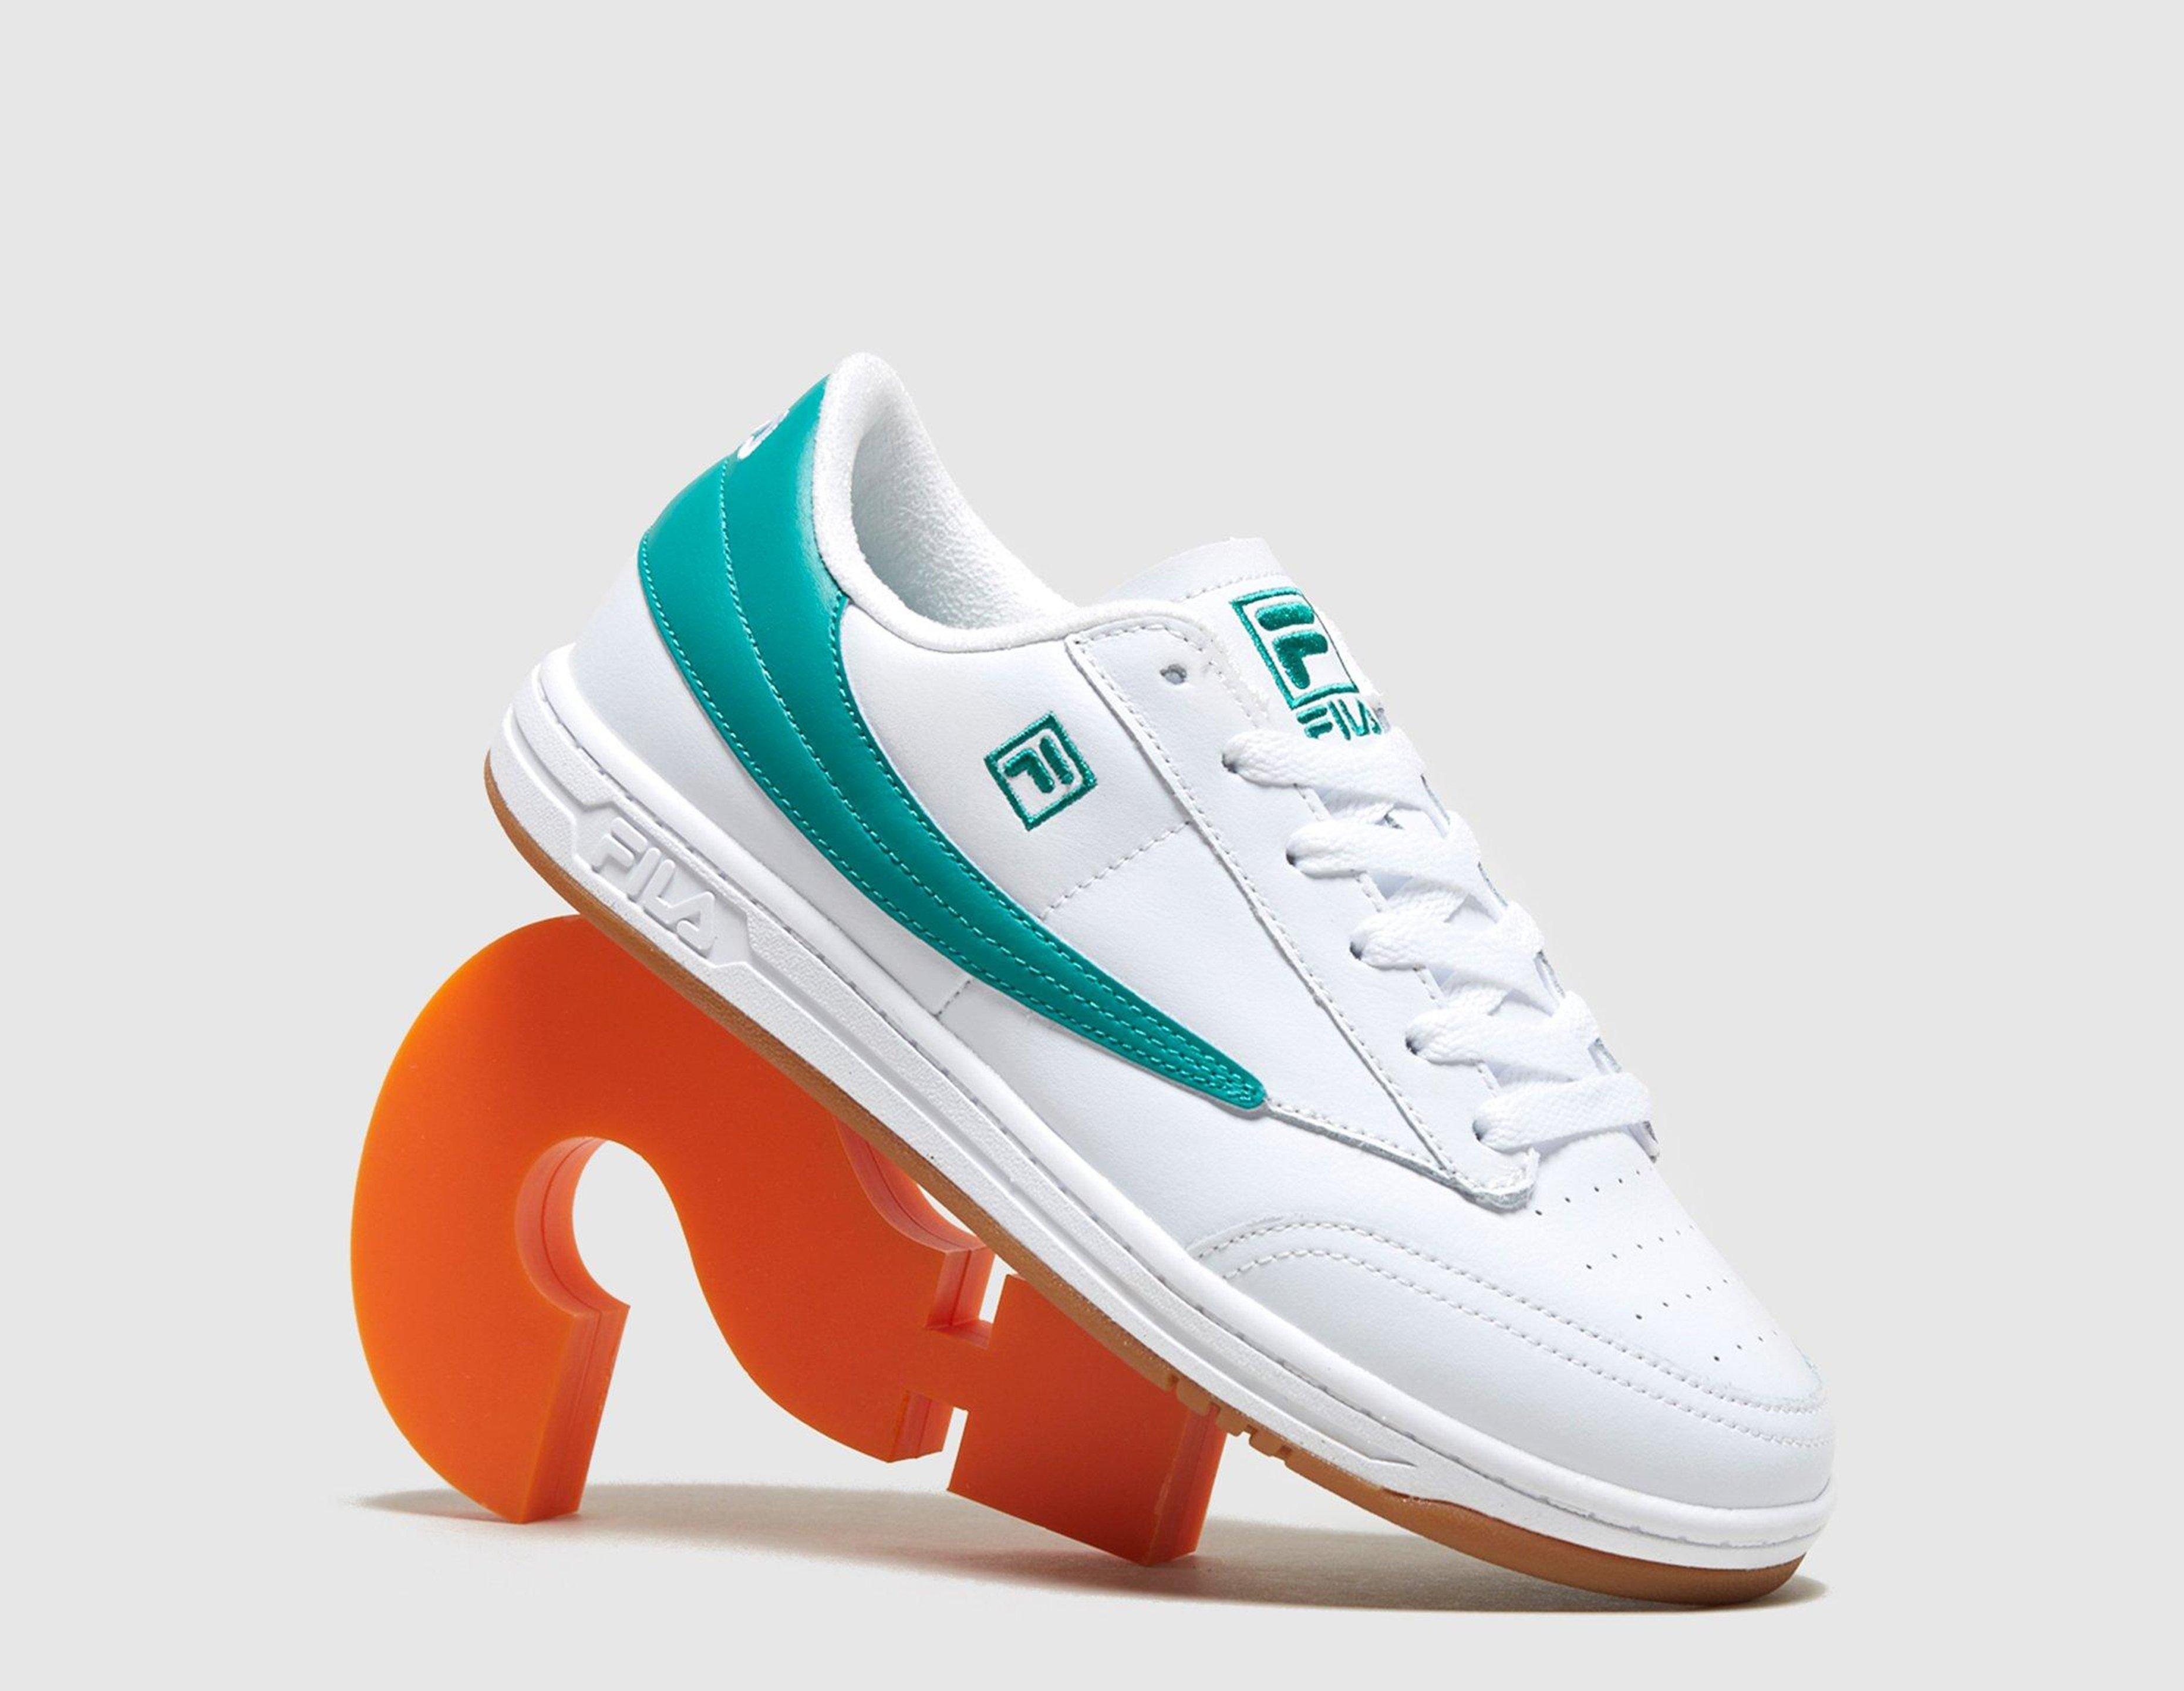 TALLAS 36 y 38 - Fila Tennis 88, Zapatillas para Mujer